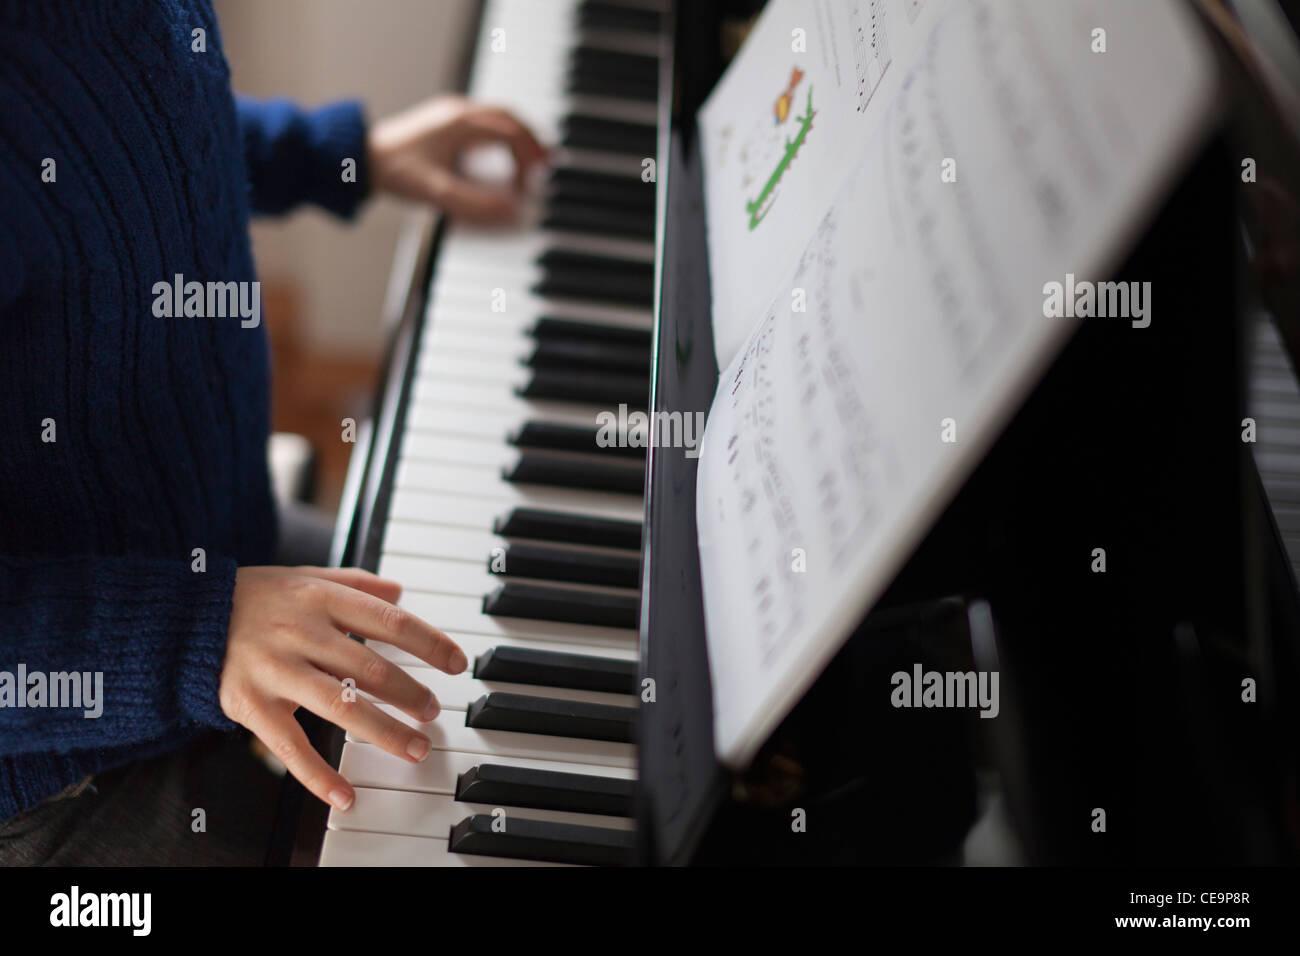 Junge spielt Klavier-Close-up Stockbild